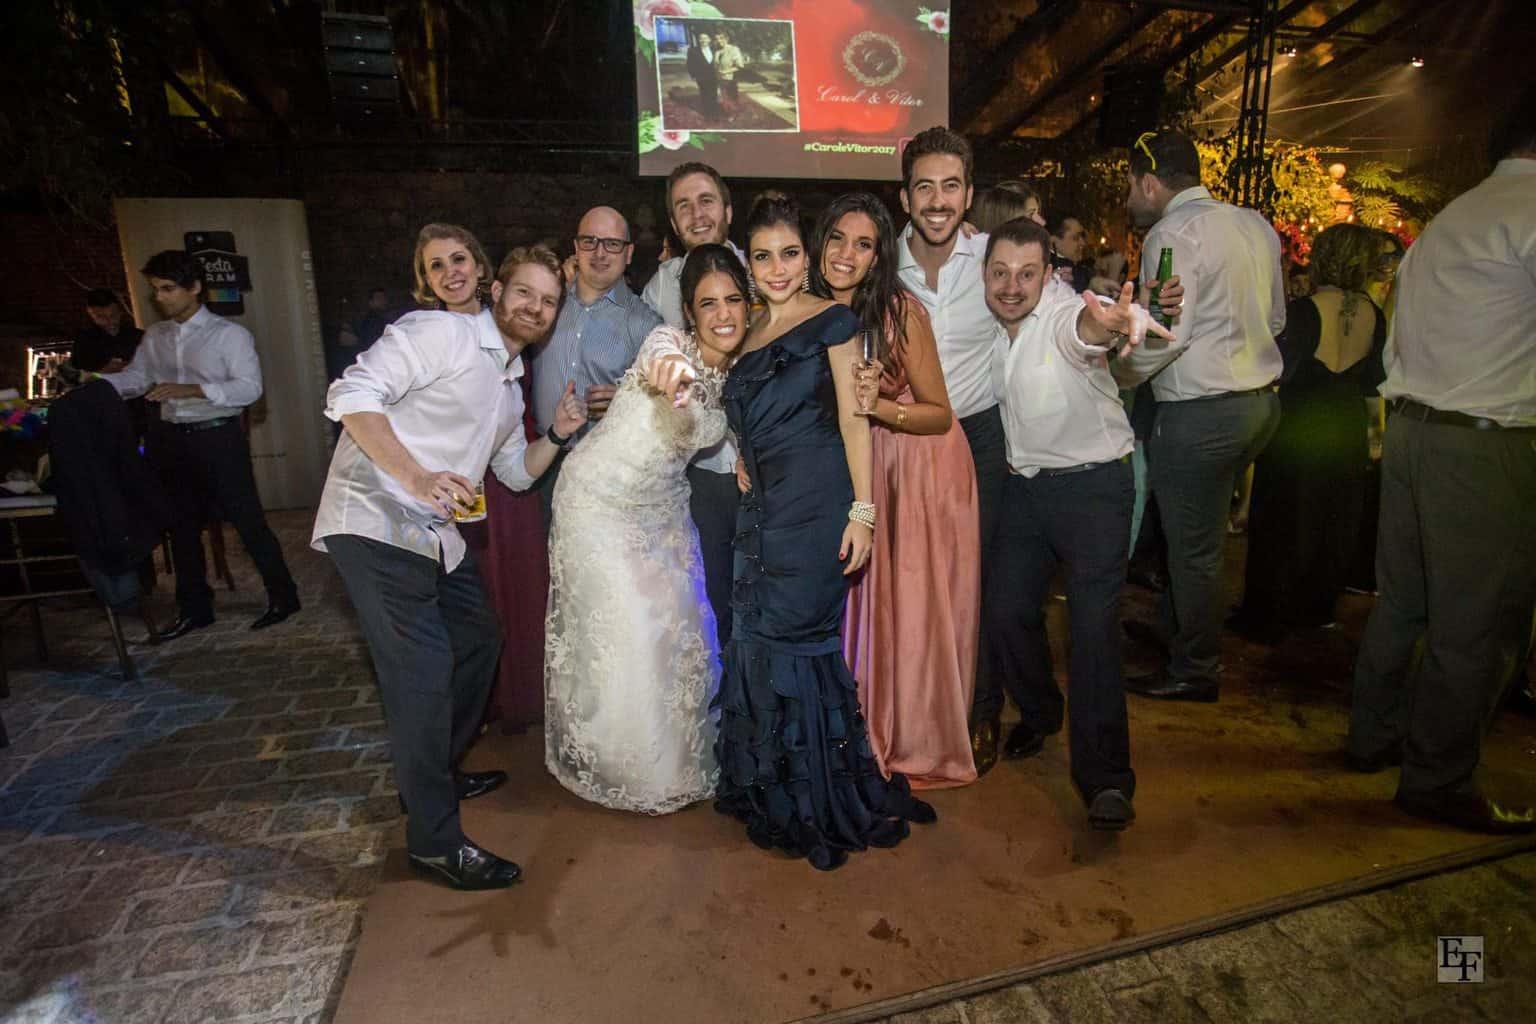 casamento-carolina-e-vitor-caseme-foto-edu-federice-03